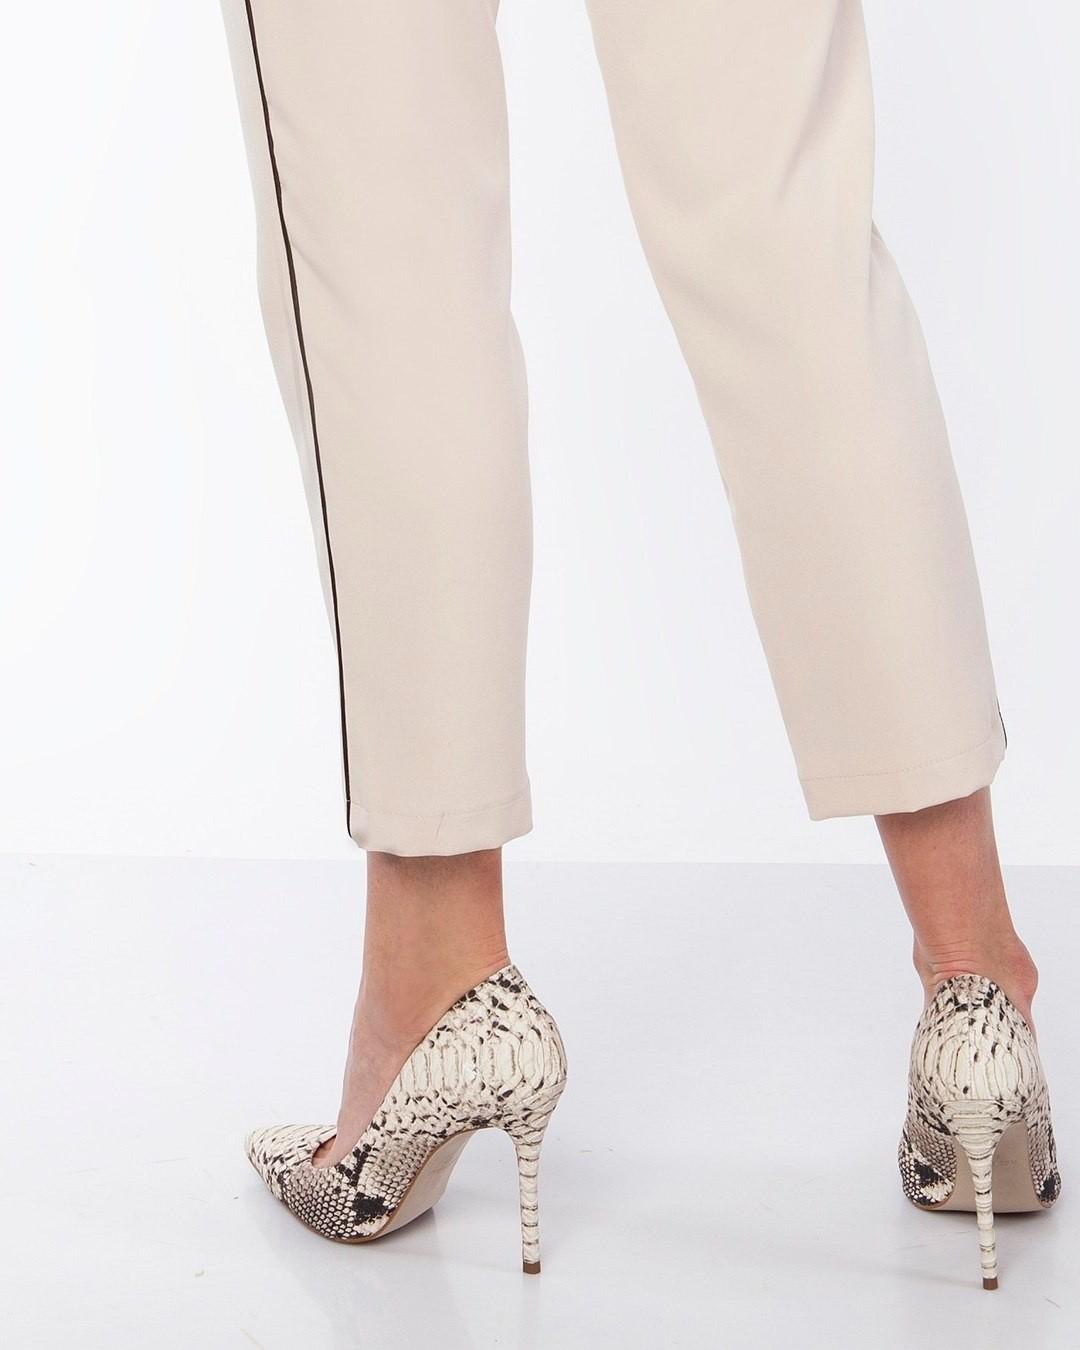 Niezmiennie modne, a co ważniejsze - niezmiennie wysmuklające nogi lampasy. Tu w wersji minimalistycznej, ale efekt jest jak najbardziej MAX. #spodnie #spodniezlampasem #lampasy #cygaretki #spodniedamskie #spodniedobiura #spodniedopracy #spodnienalato